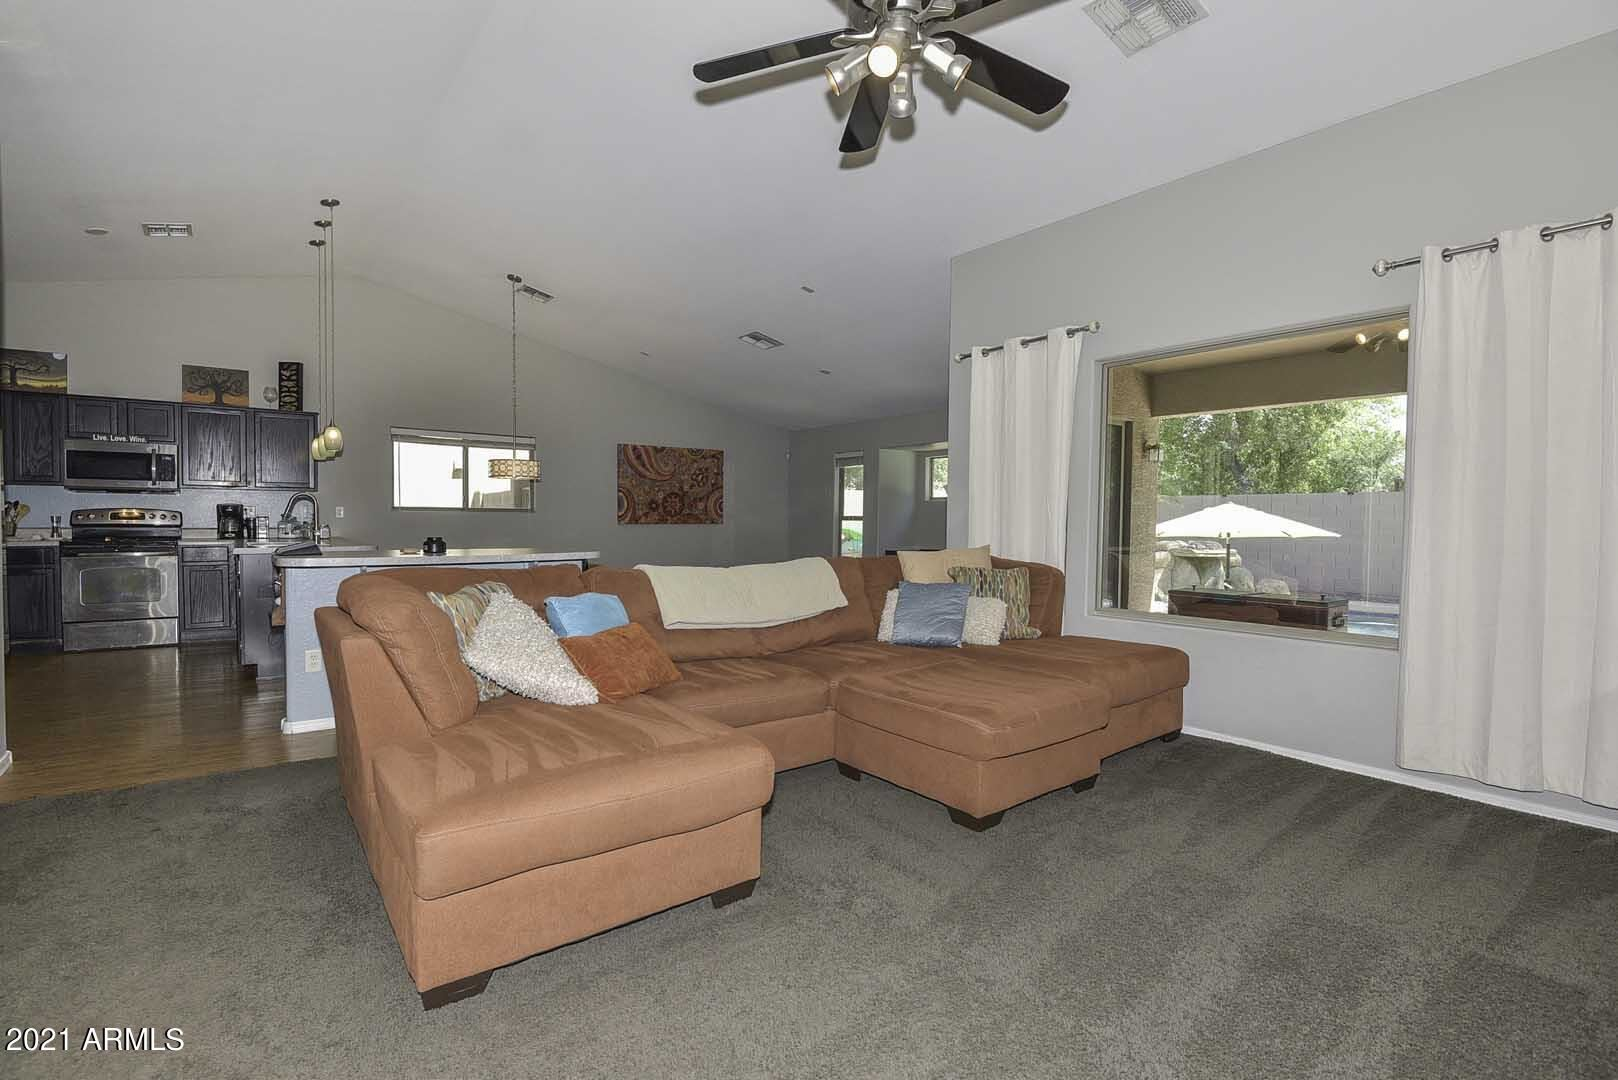 Photo of 9259 W CARON Circle, Peoria, AZ 85345 (MLS # 6232564)